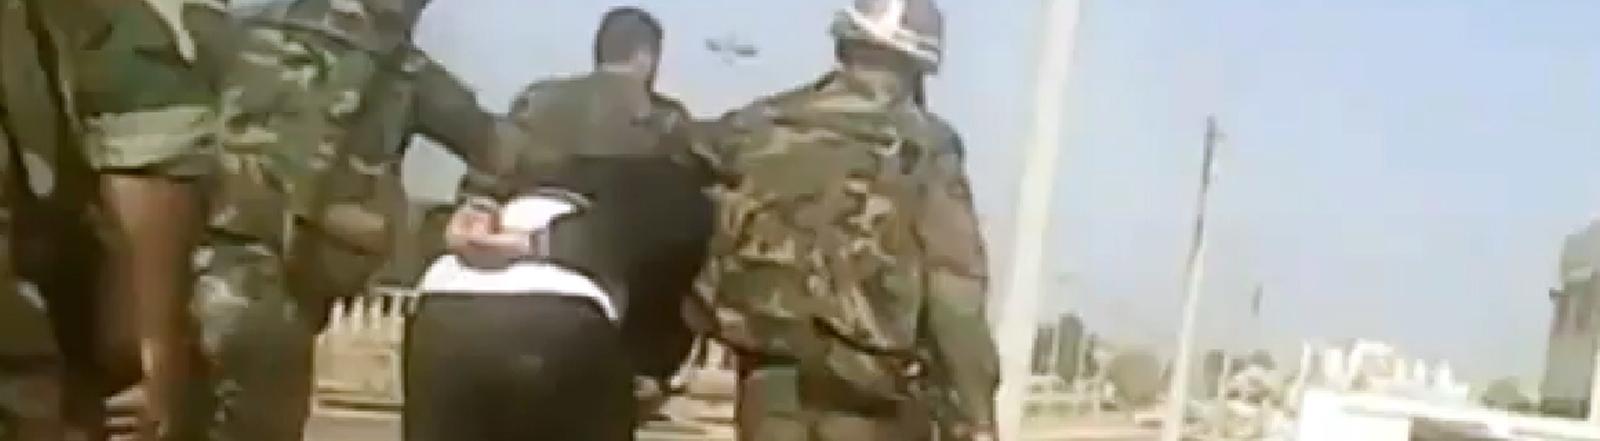 Syrische Soldaten bei der Verhaftung eines Mannes in Homs, Screengrab des Shaam News Networks auf Youtube